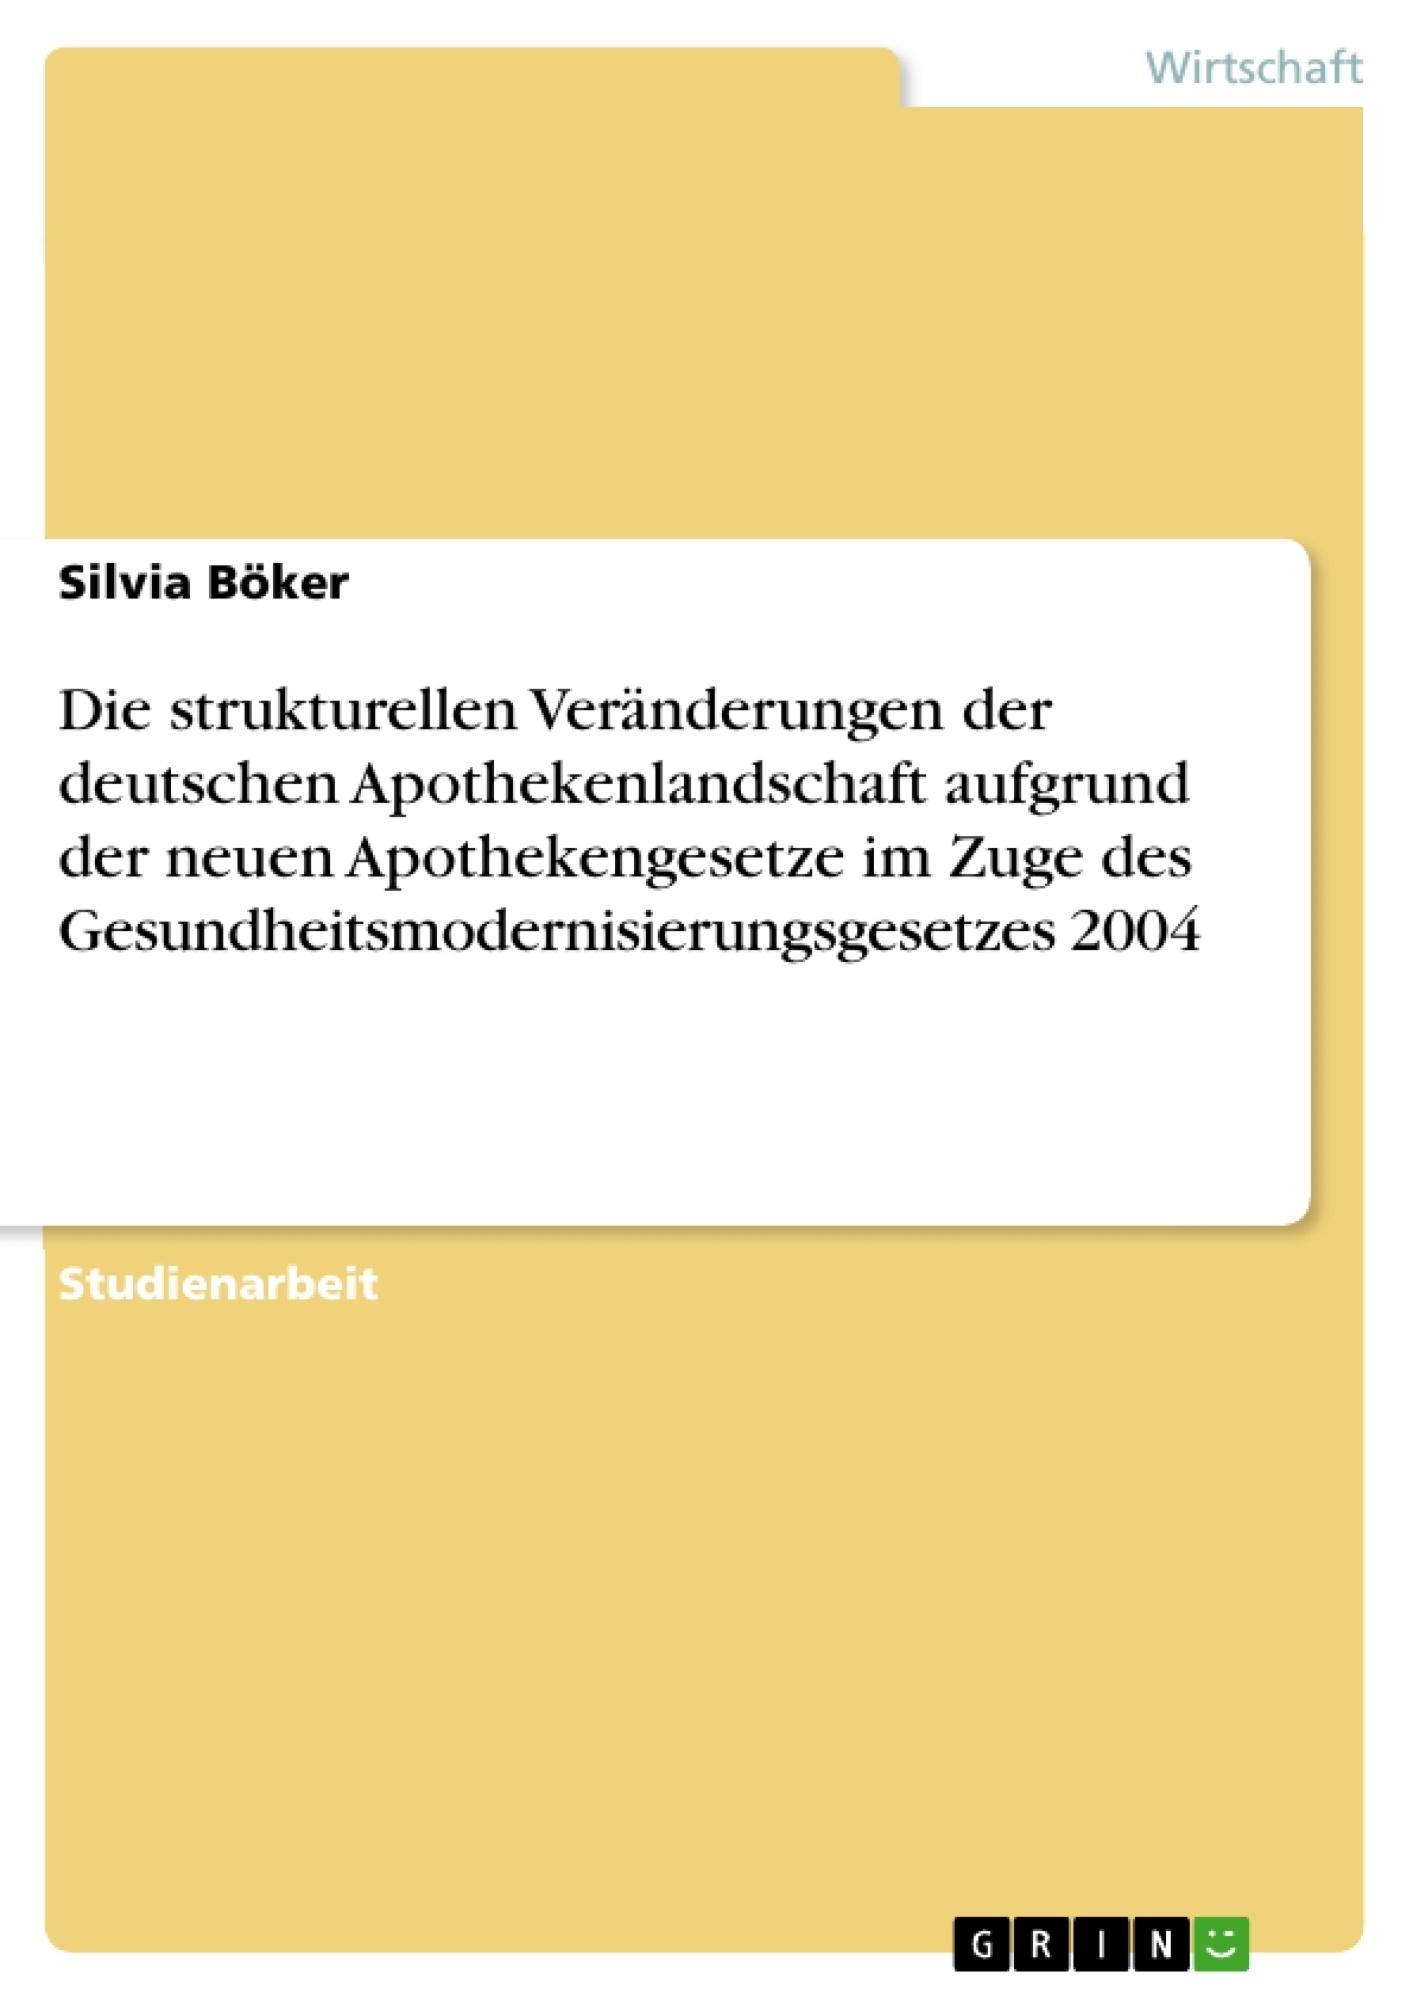 Titel: Die strukturellen Veränderungen der deutschen Apothekenlandschaft aufgrund der neuen Apothekengesetze im Zuge des Gesundheitsmodernisierungsgesetzes 2004